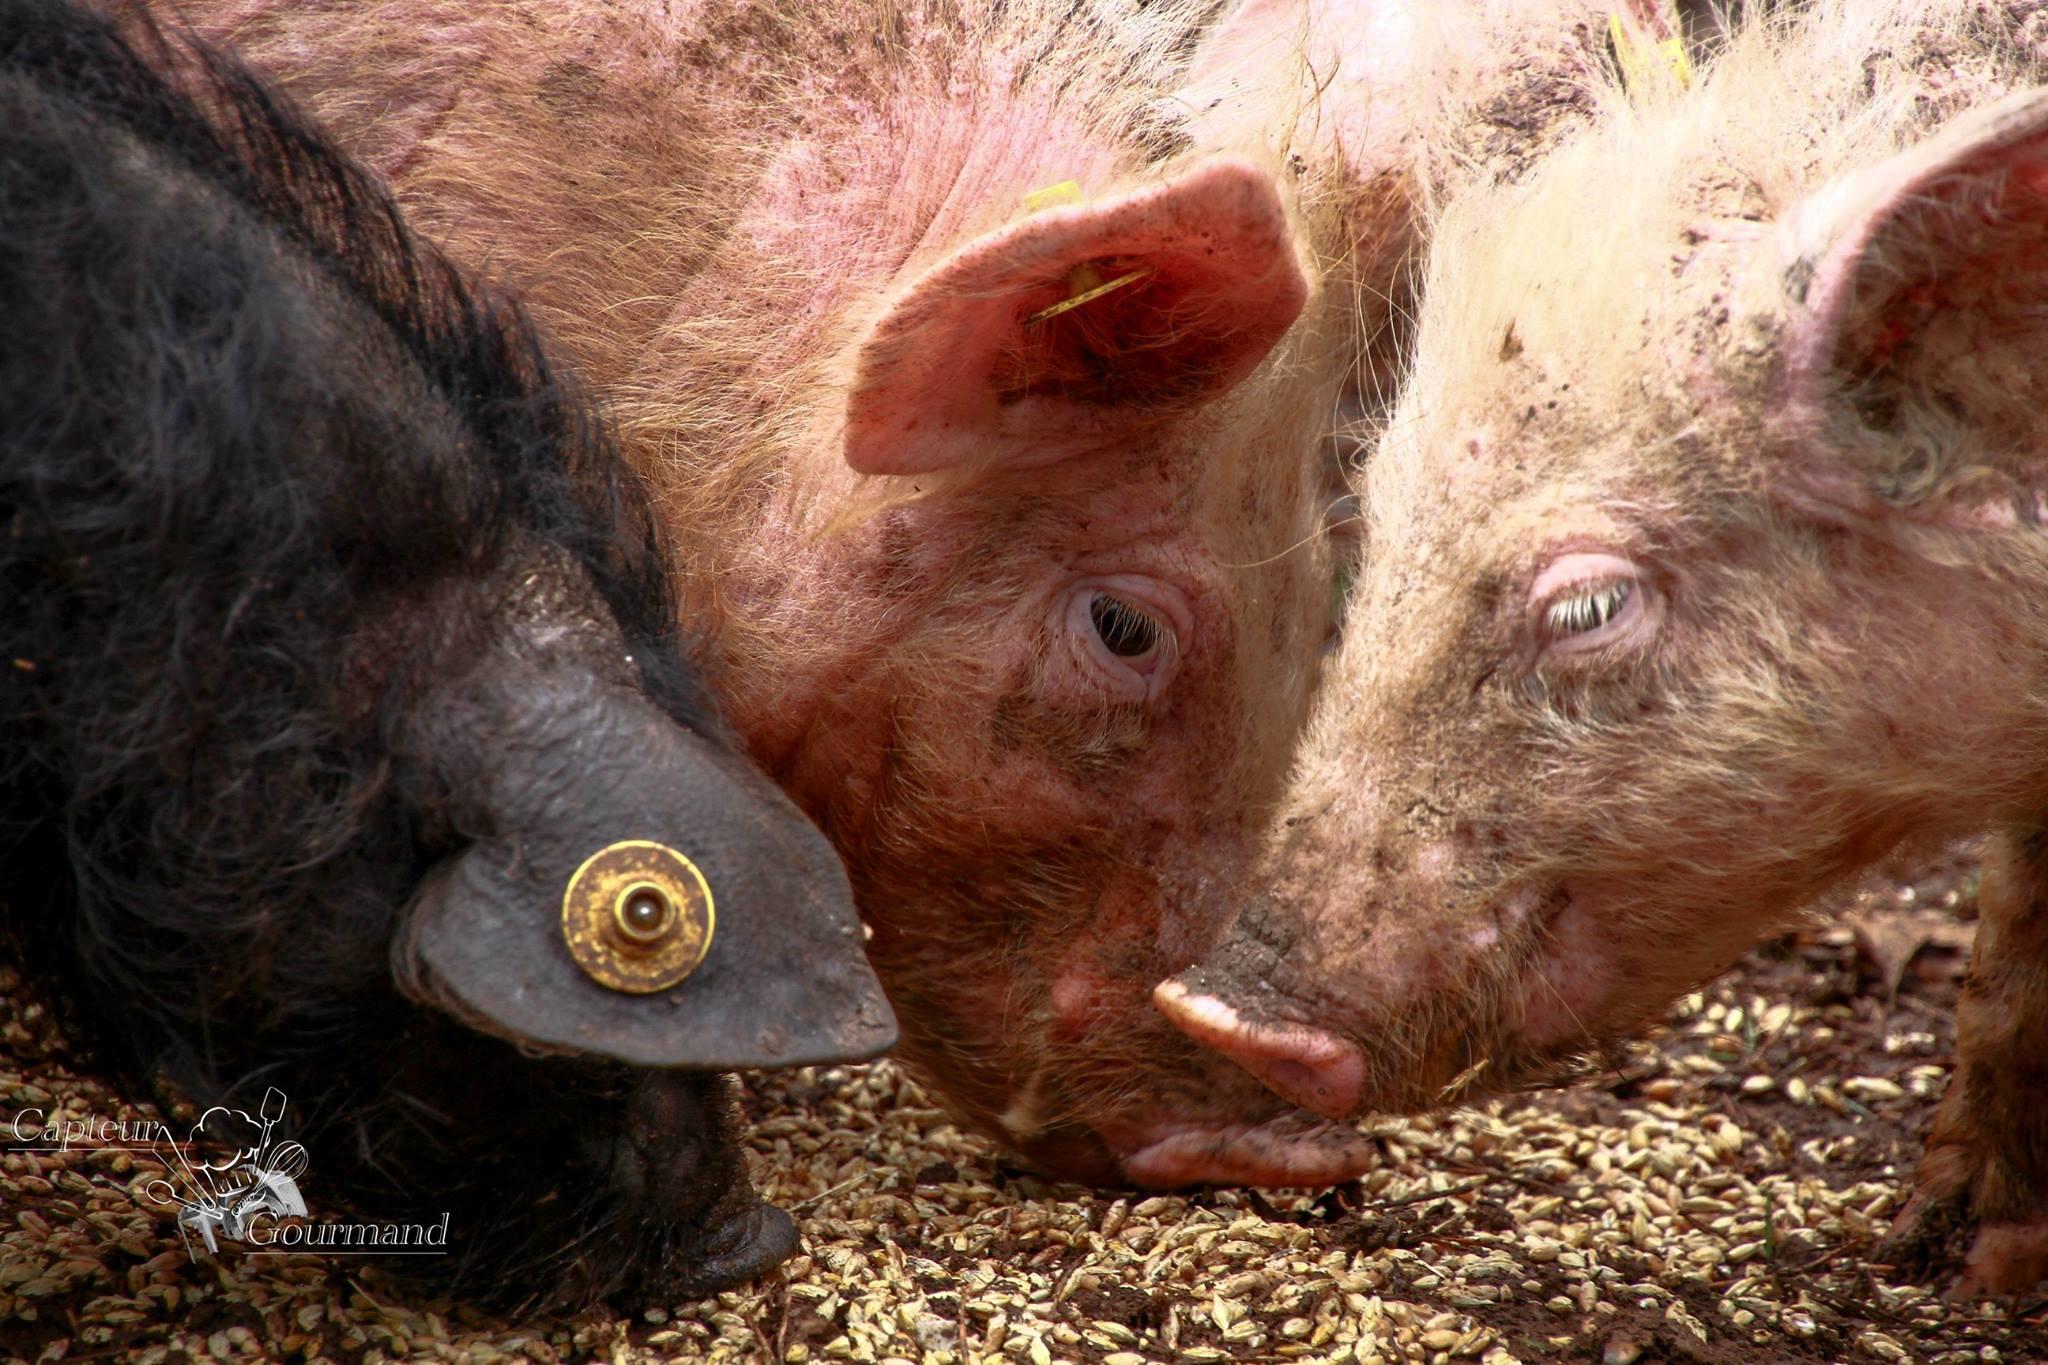 Les Cochons de la Cote d'Azur (7).jpg